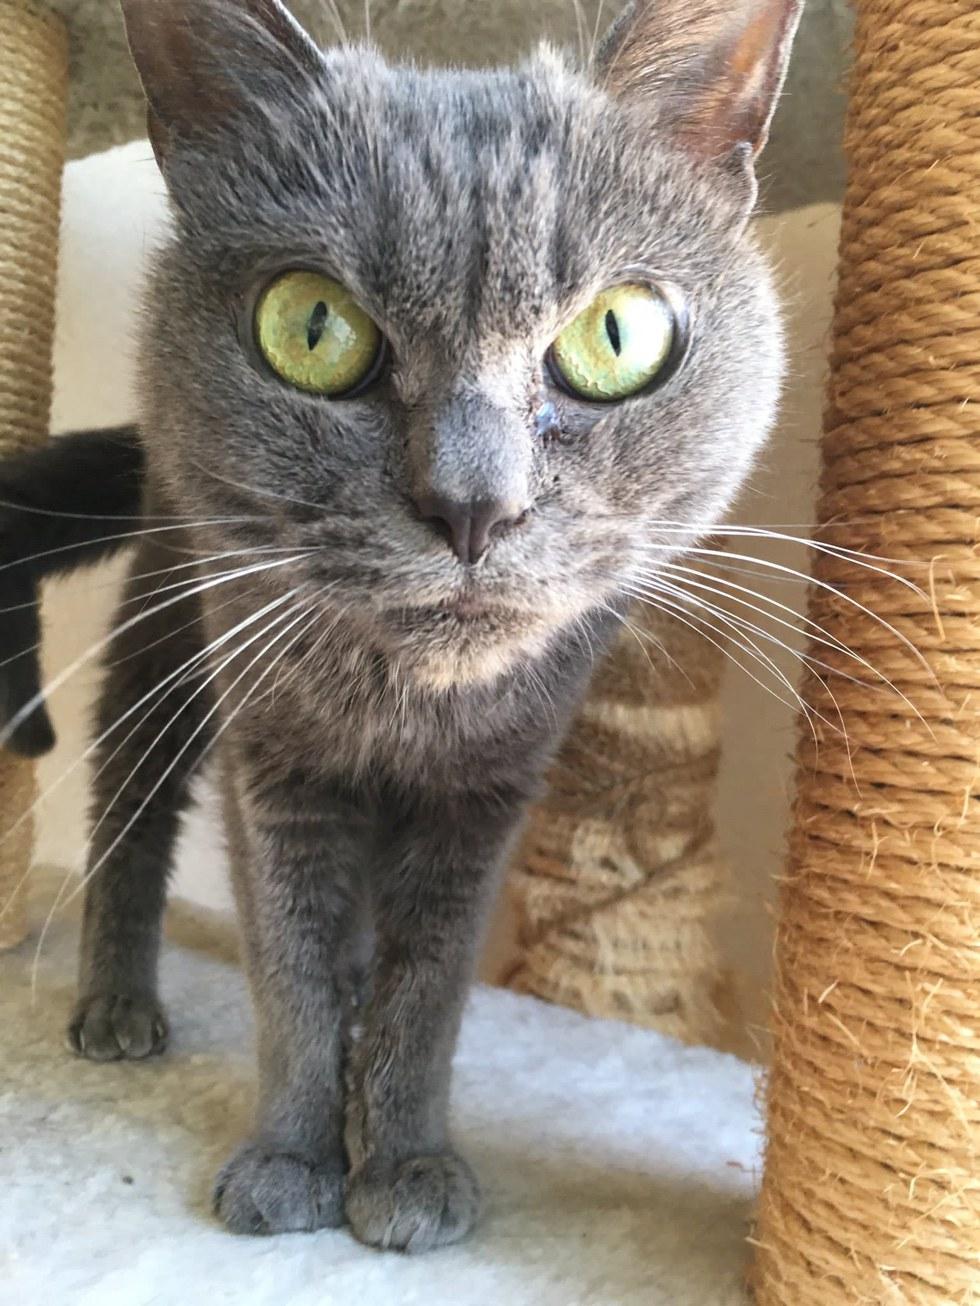 shamo2 - Tak Ada yang Mau Mengadopsi Kucing ini karena Punya Wajah Pemarah